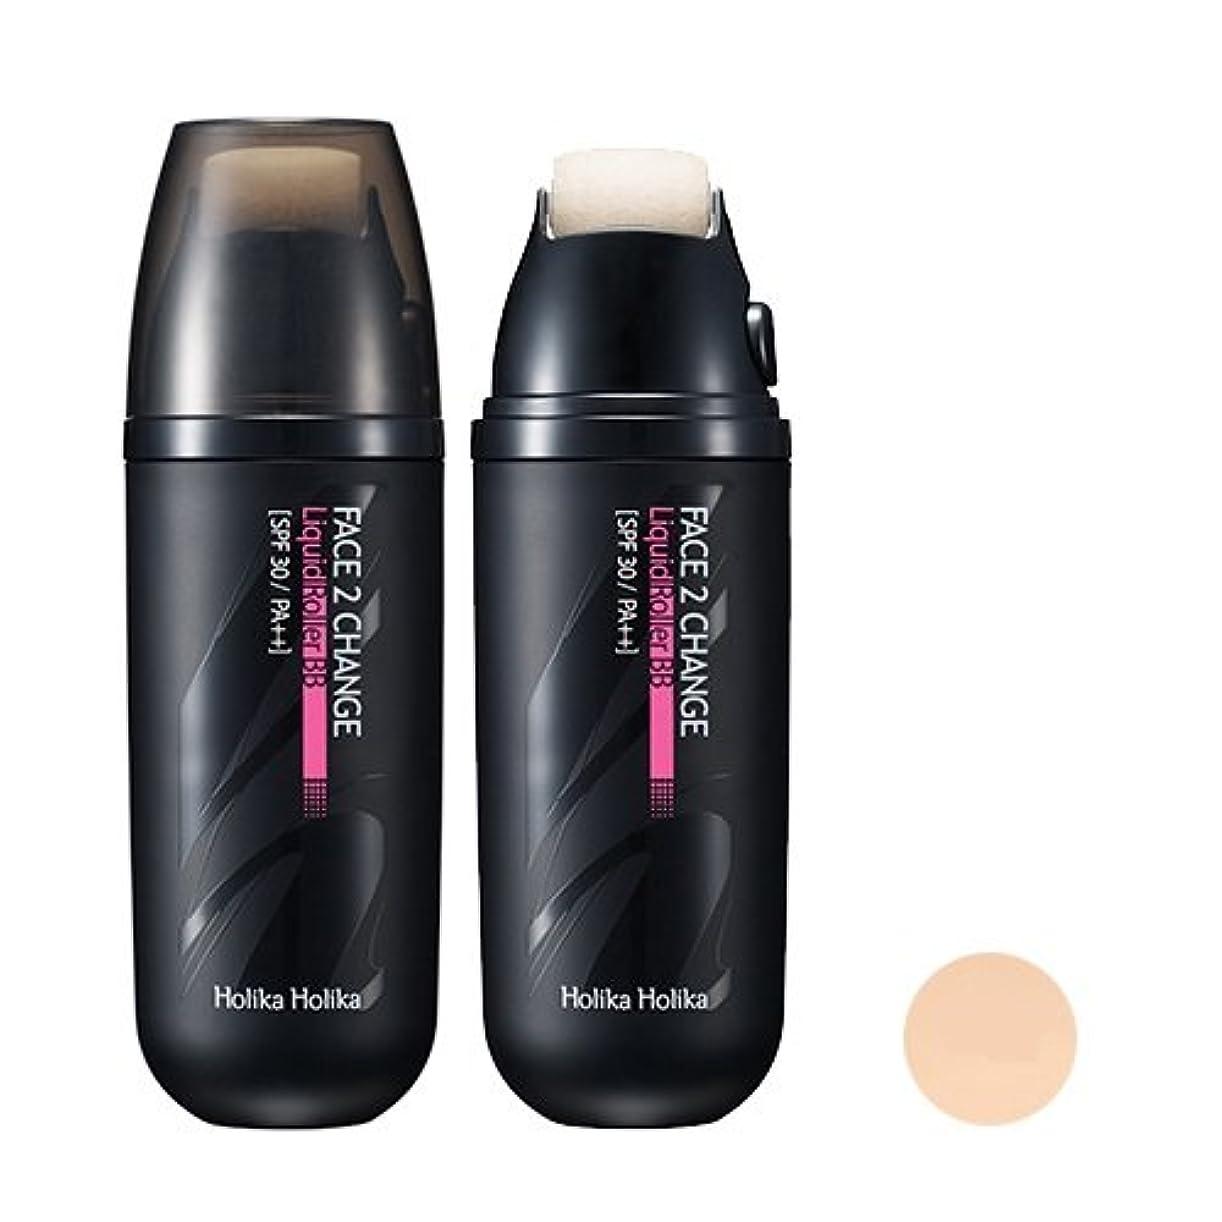 さわやかコレクションプレフィックス[Holika Holika/ホリカホリカ] フェイス 2チェンジ リキッドローラーBB クリーム (SPF30 PA++) 2タイプ?韓国コスメ/ Face 2 Change Liquid Roller BB Cream...